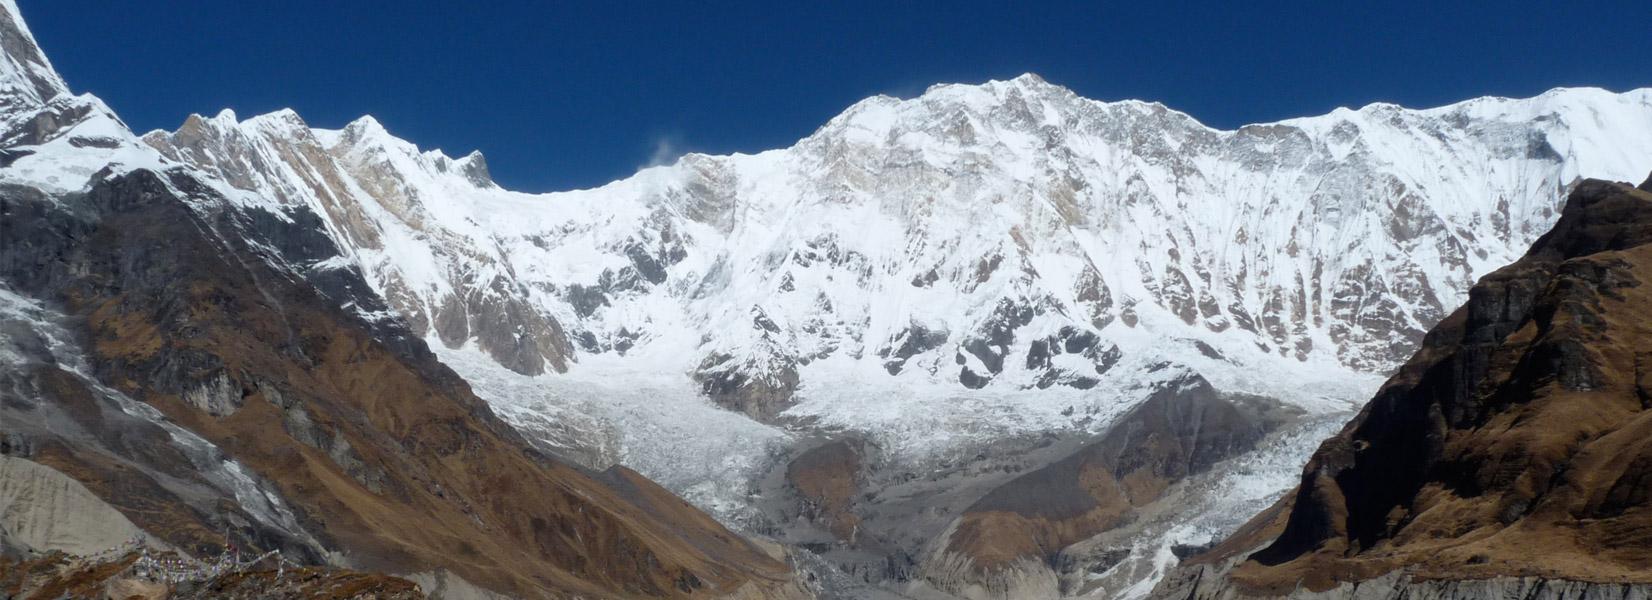 Annapurna-i-expedition